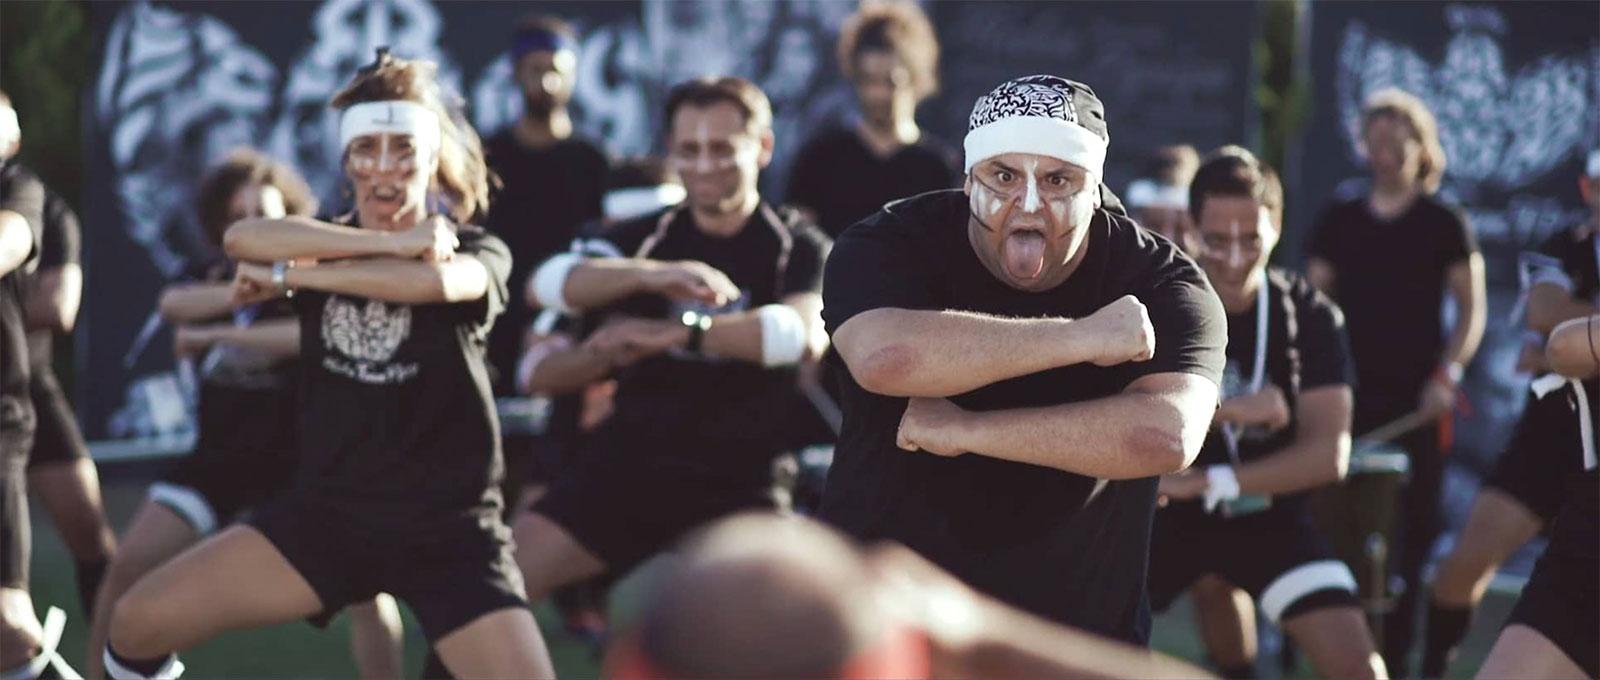 Haka-Teambuilding-Mallorca-Haka-Tanz-Mallorca-1